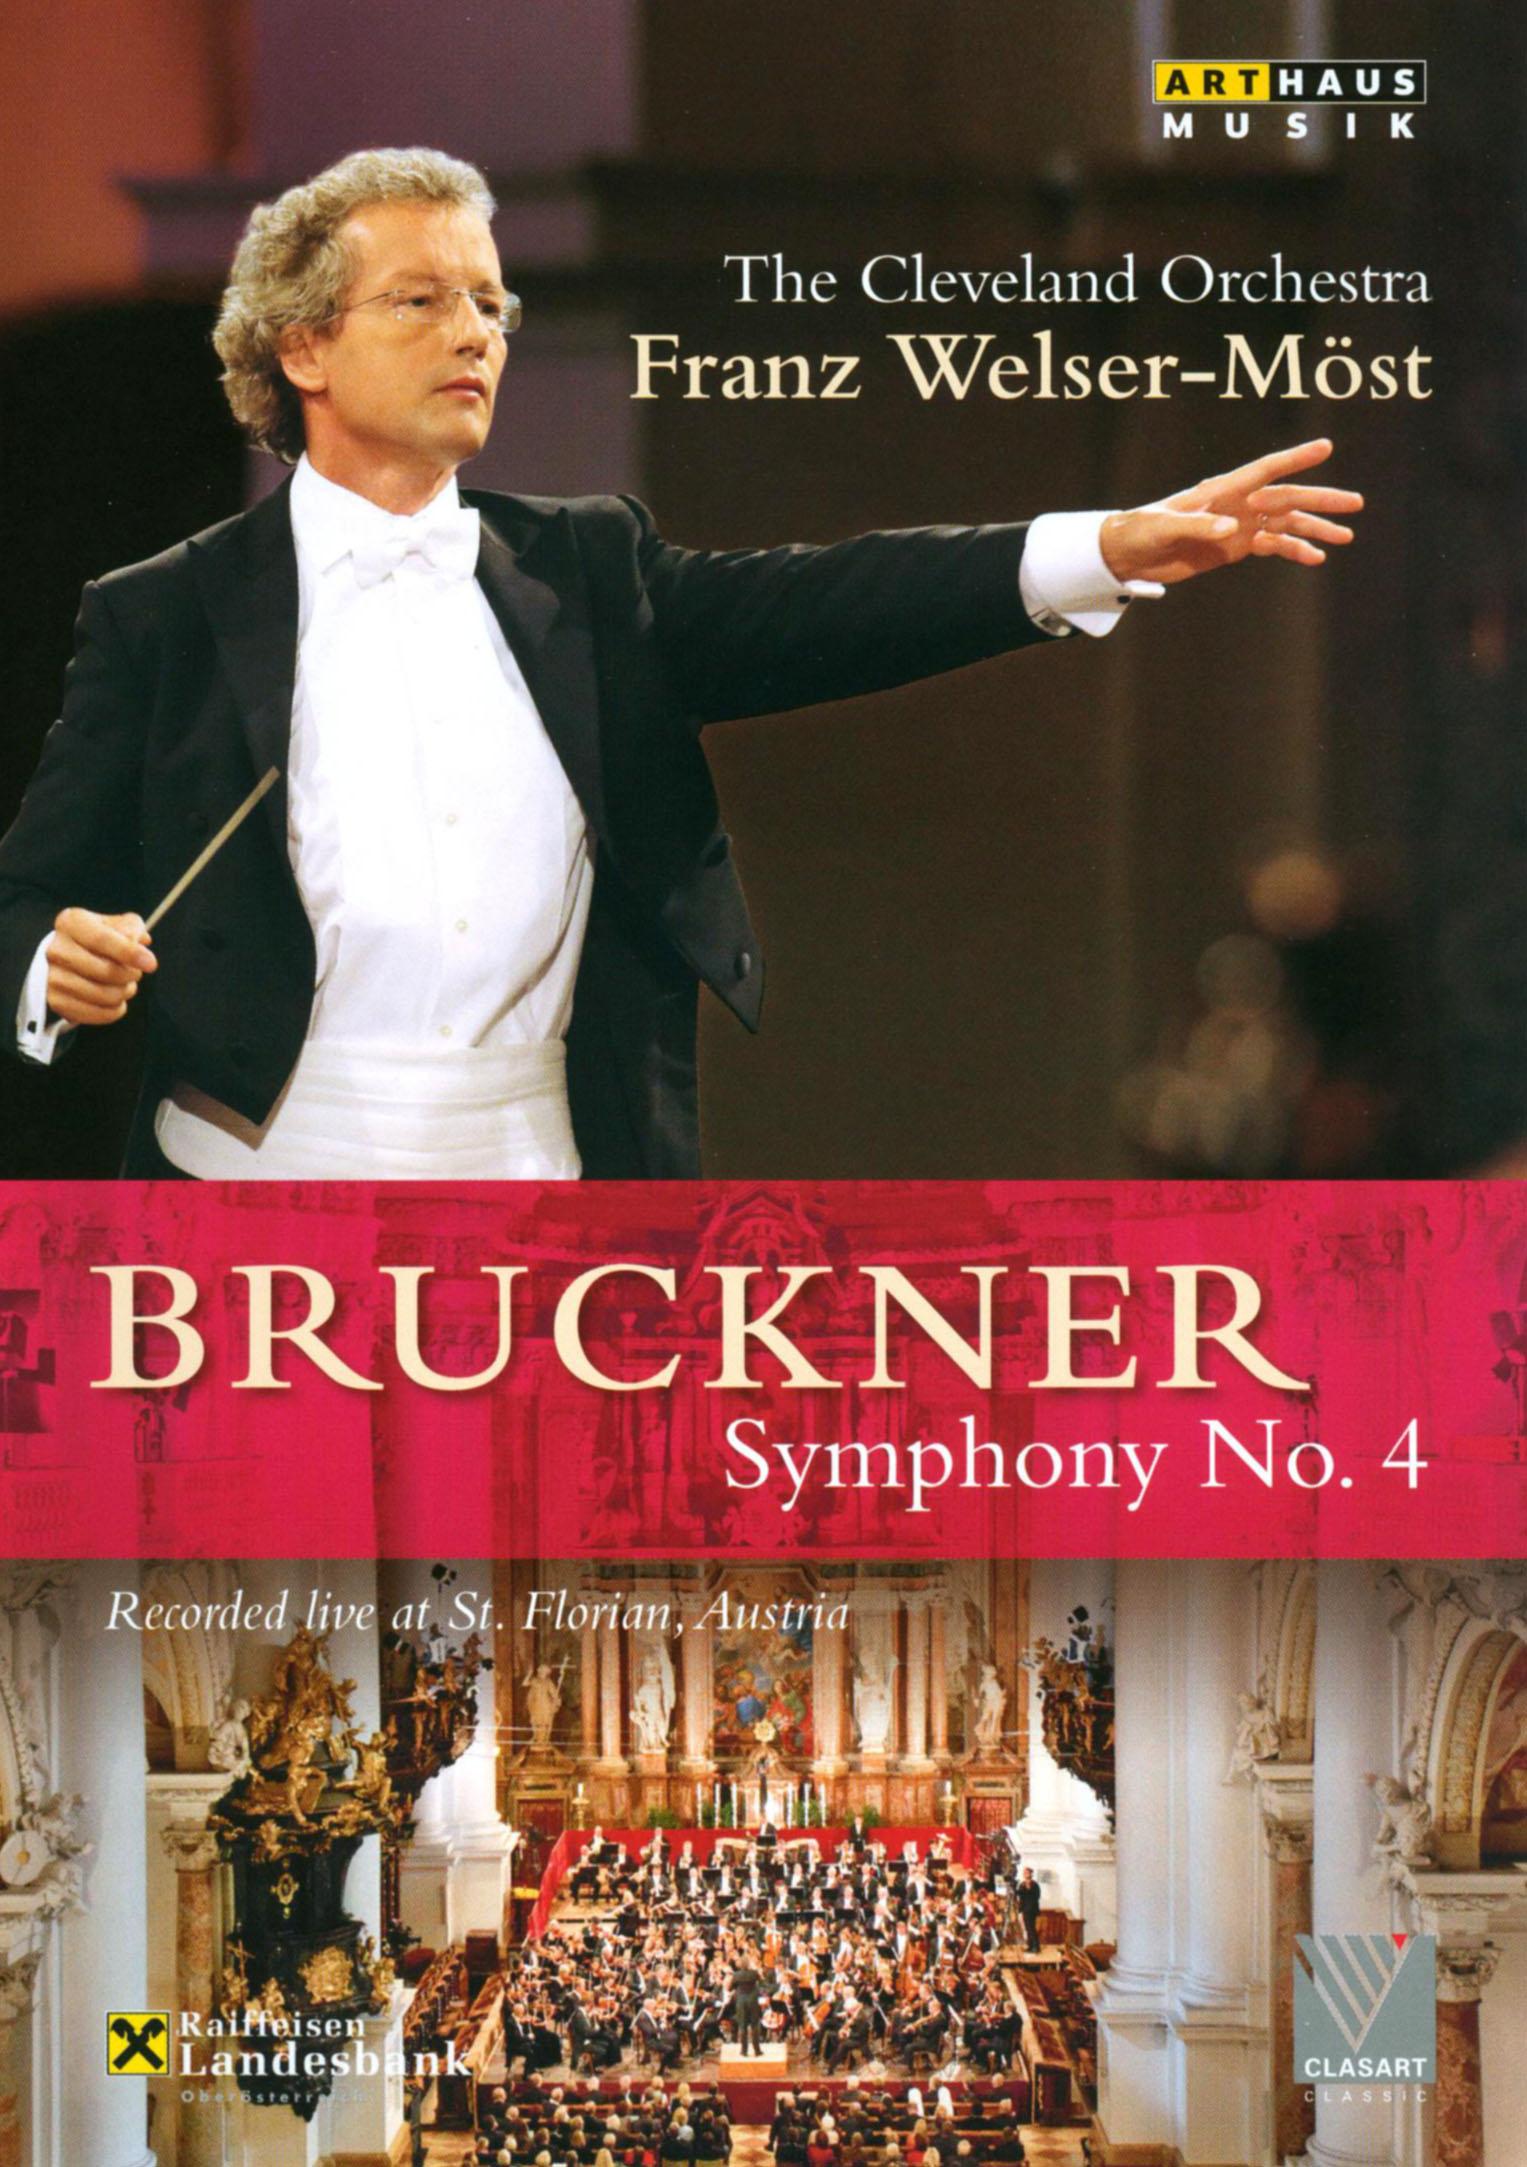 The Cleveland Orchestra/Franz Welser-Möst: Bruckner - Symphony No. 4